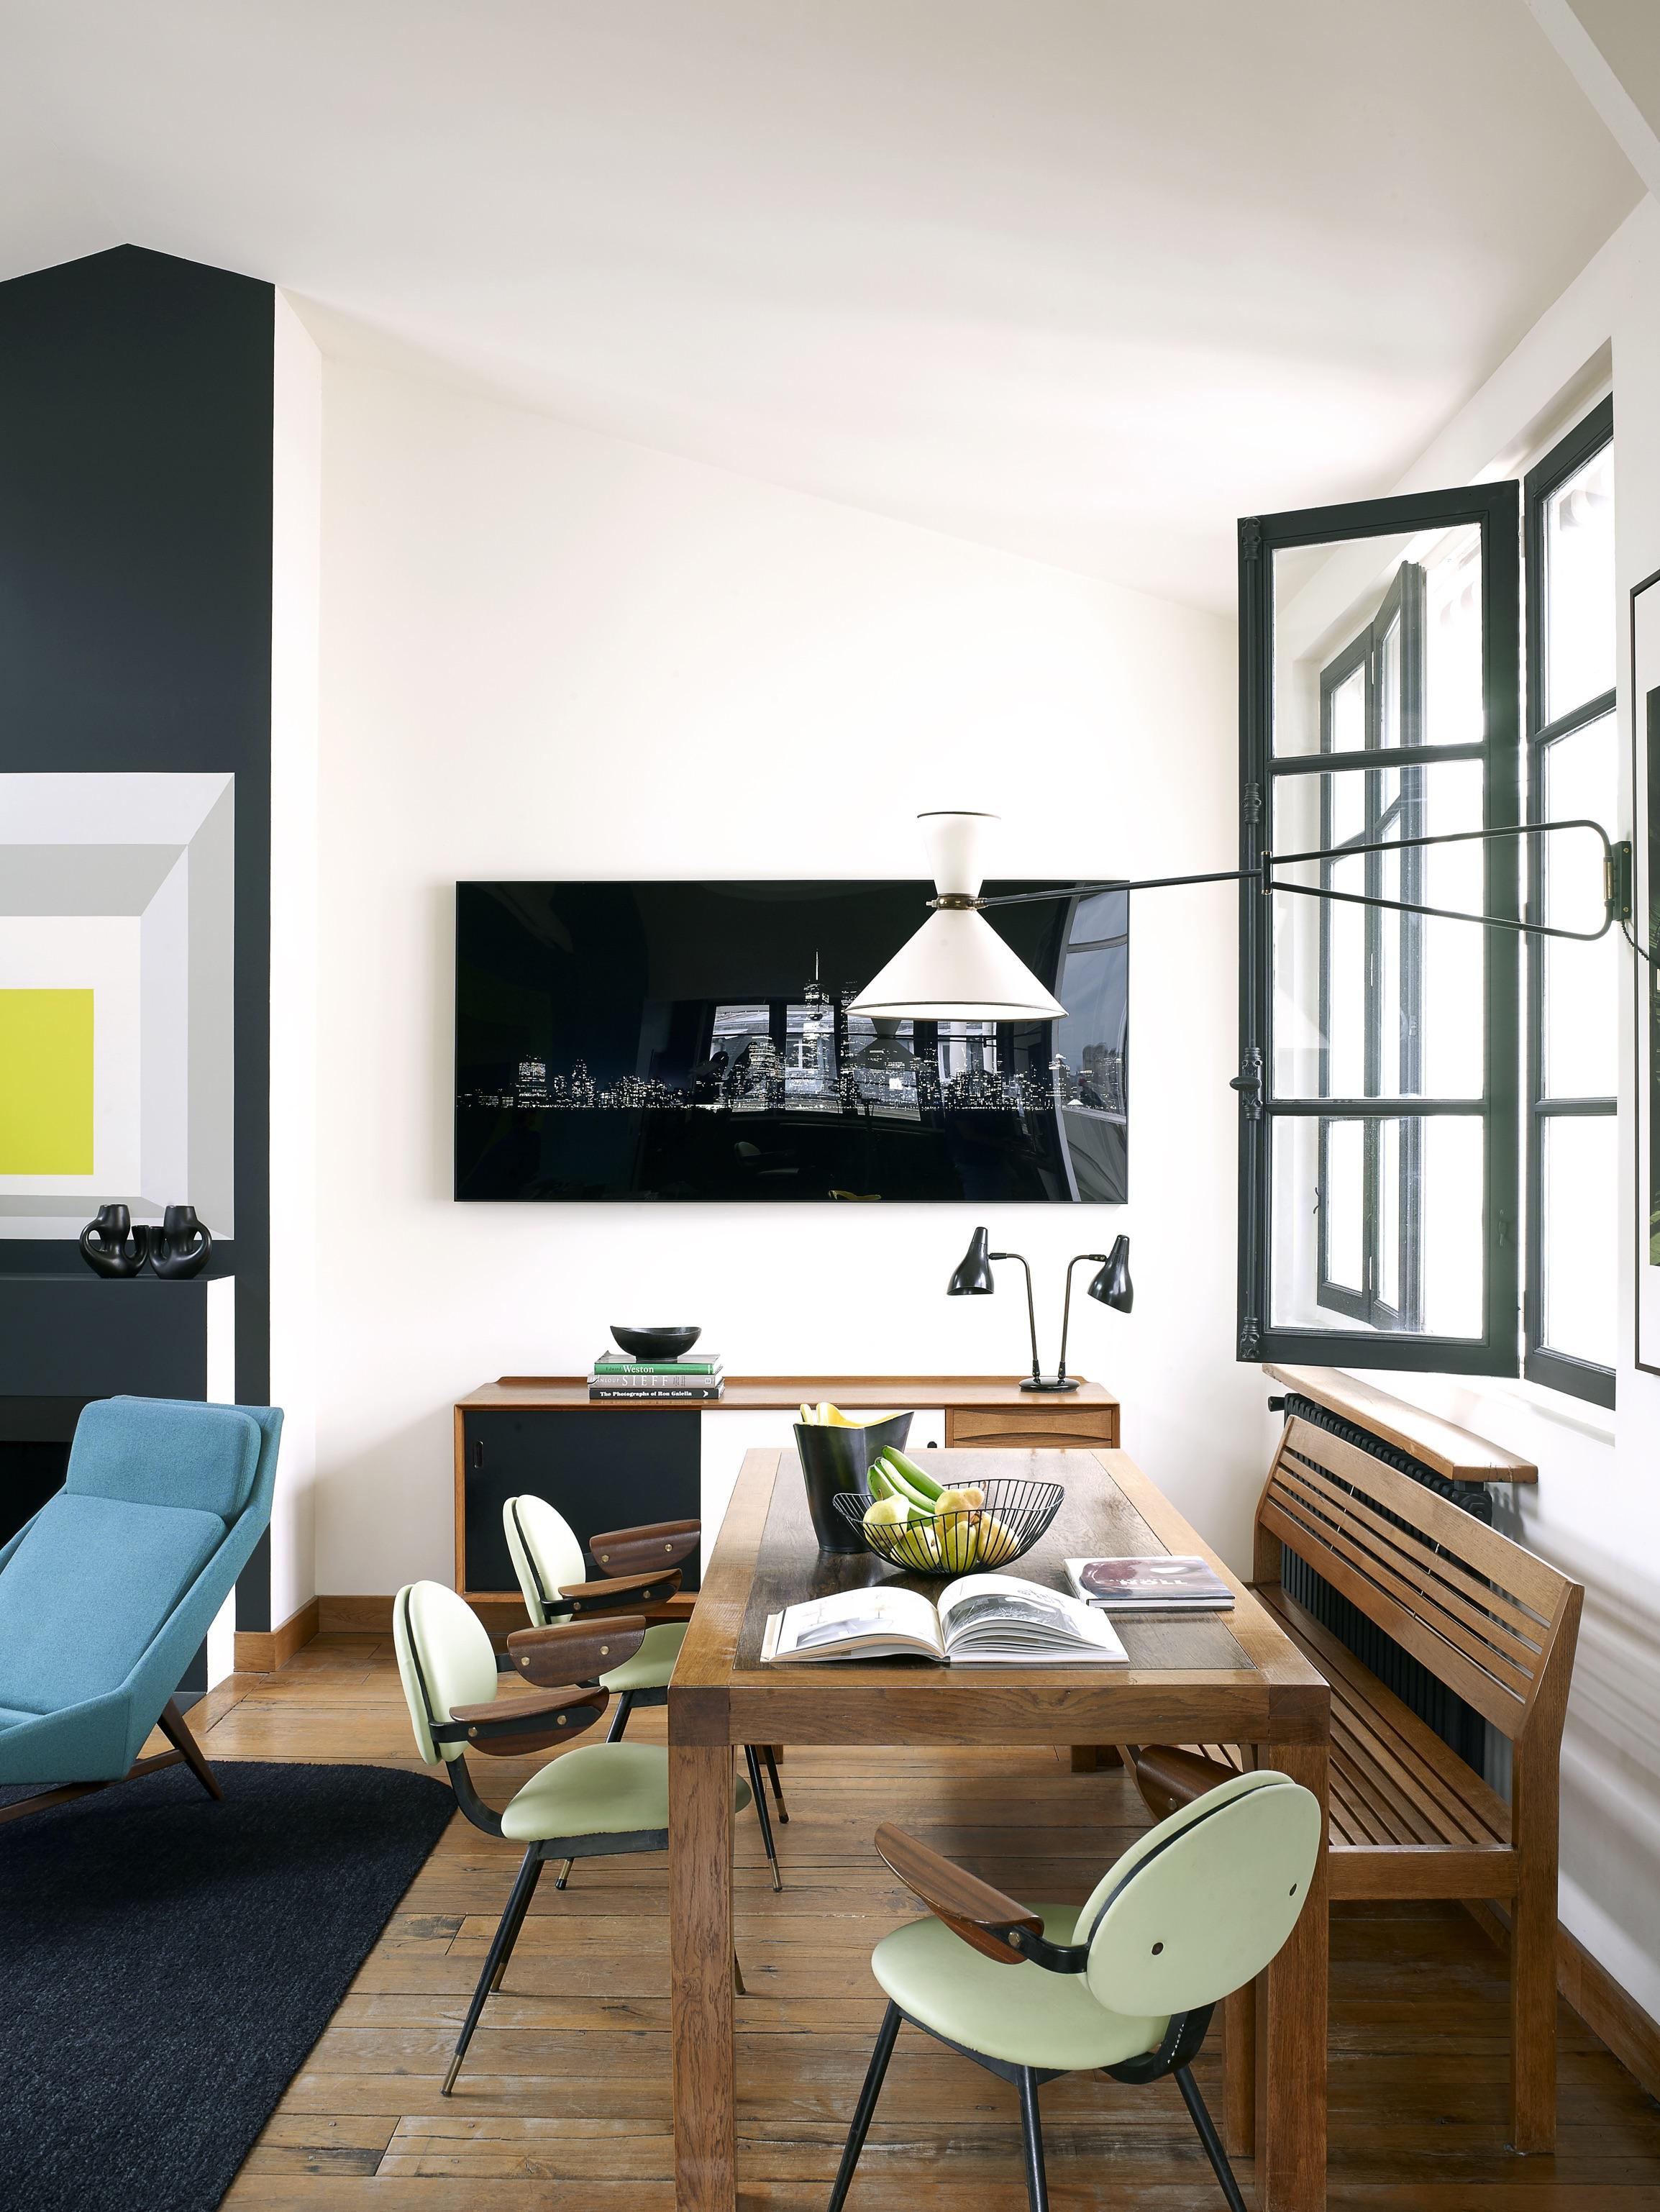 House Tour An Eclectic Mix of Vintage Furniture in a Paris Loft 5